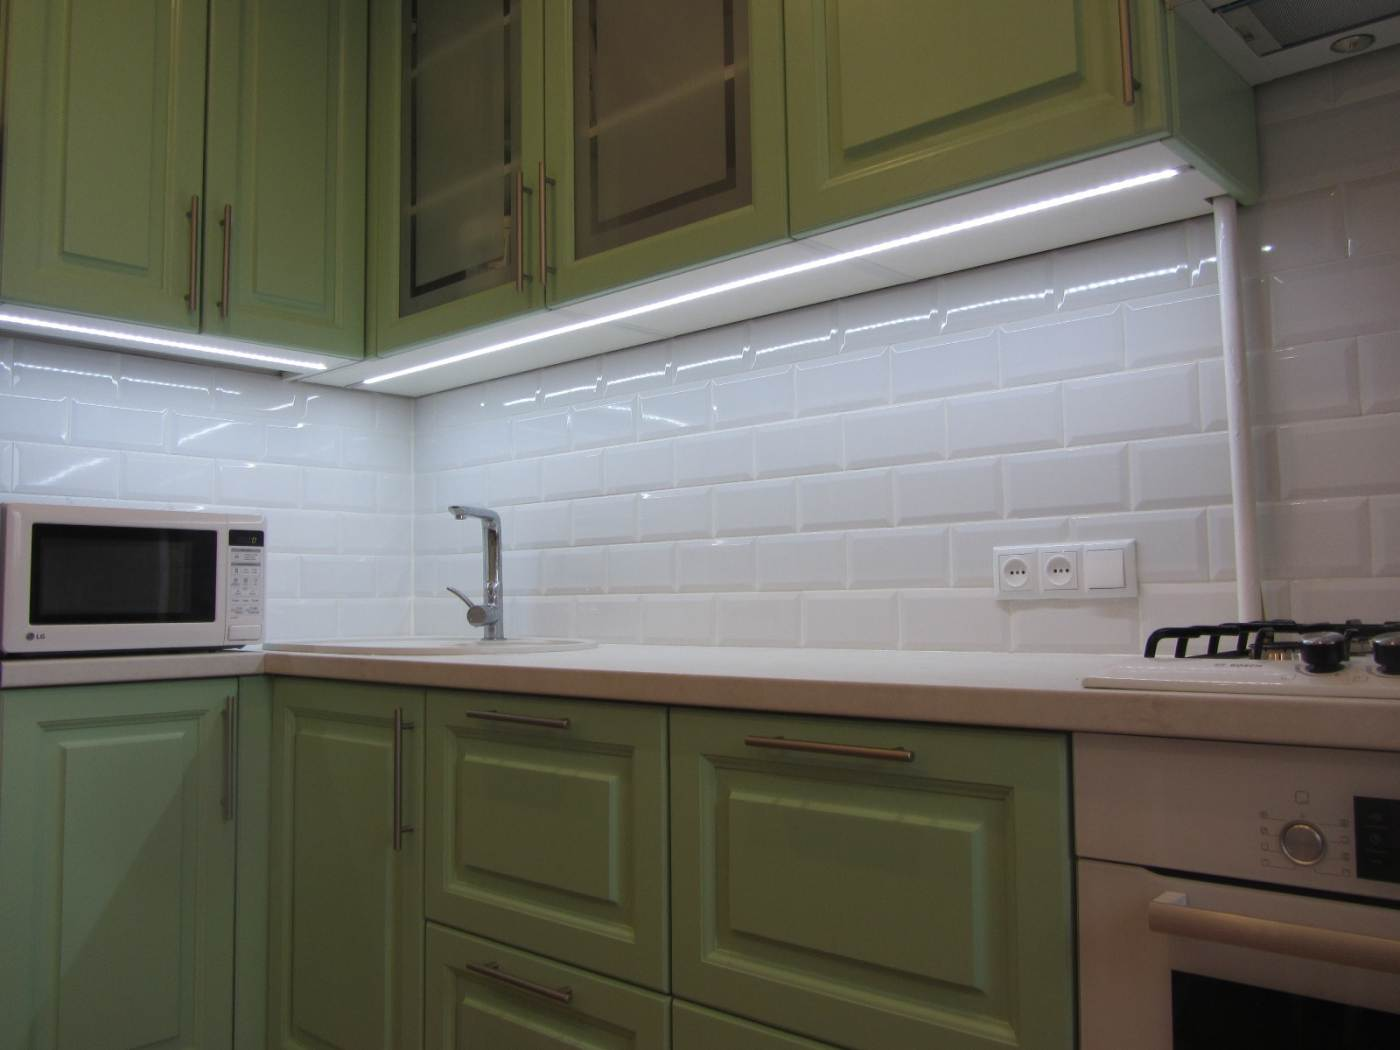 Освещение на кухне: как правильно организовать (110+ фото)